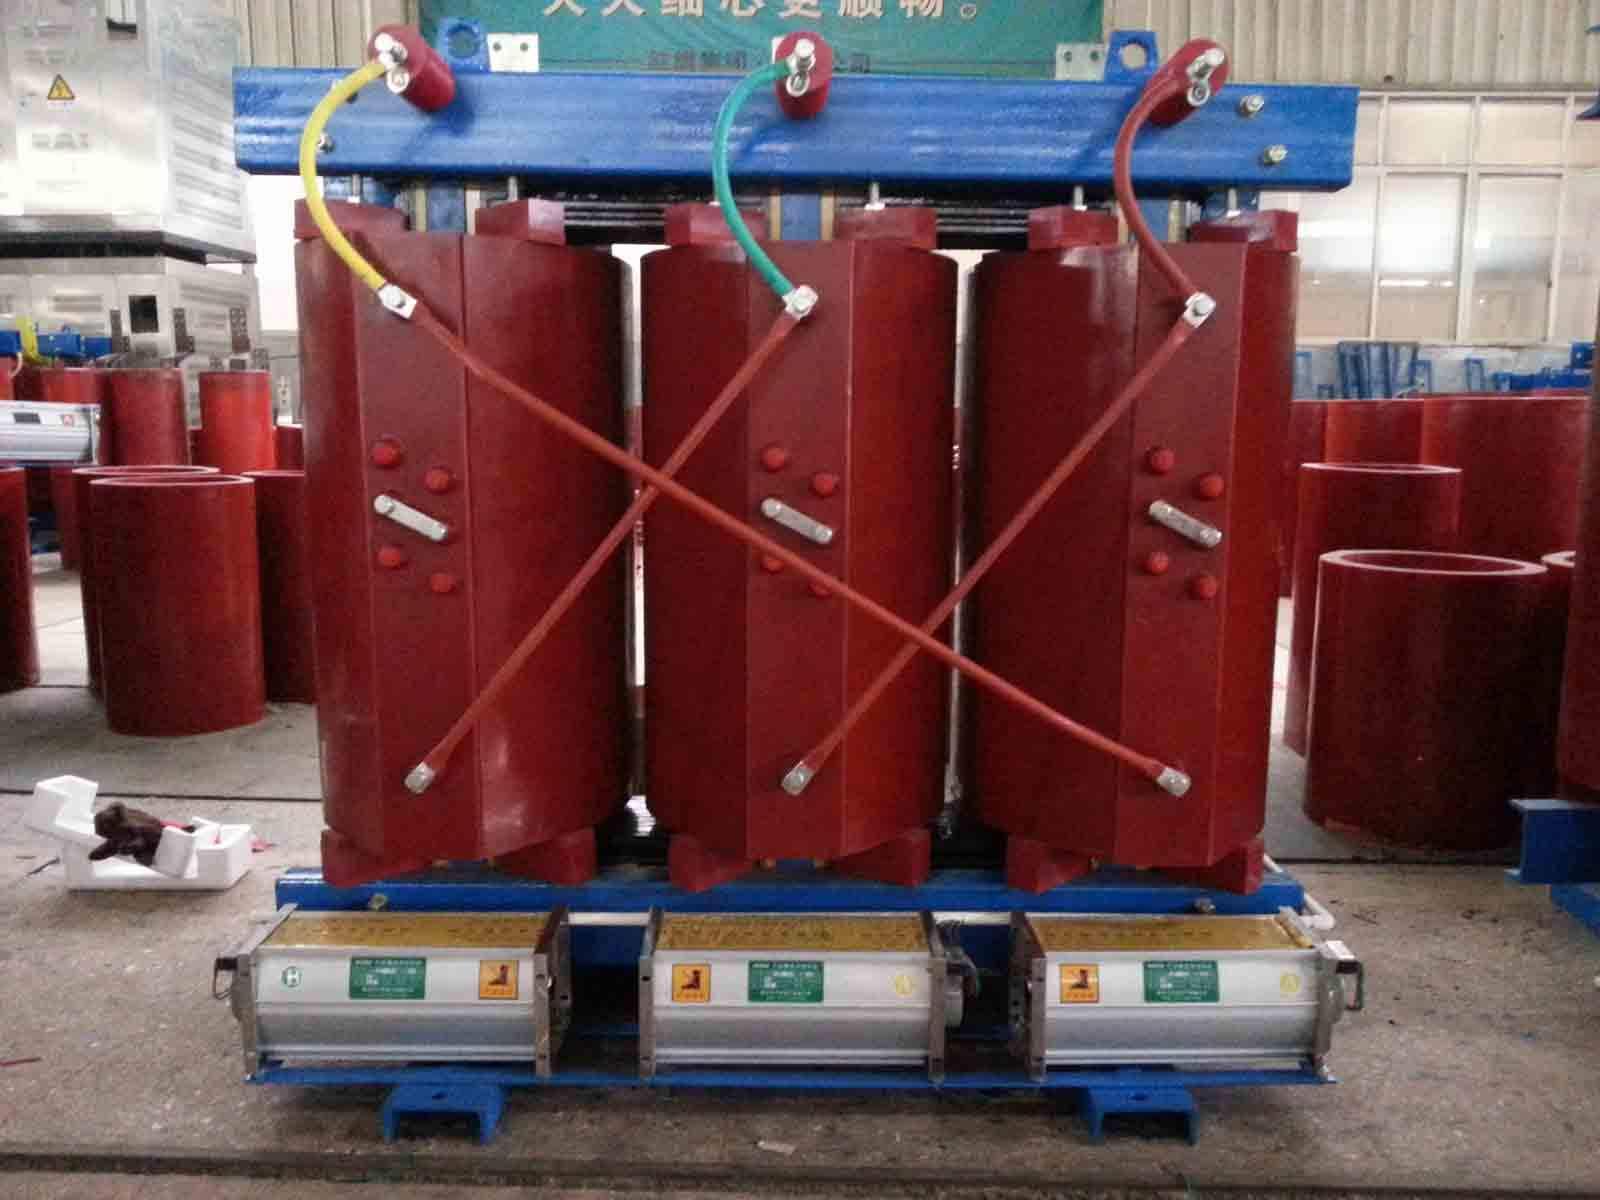 静安1250KVA变压器回收雨花台二手变压器回收公司